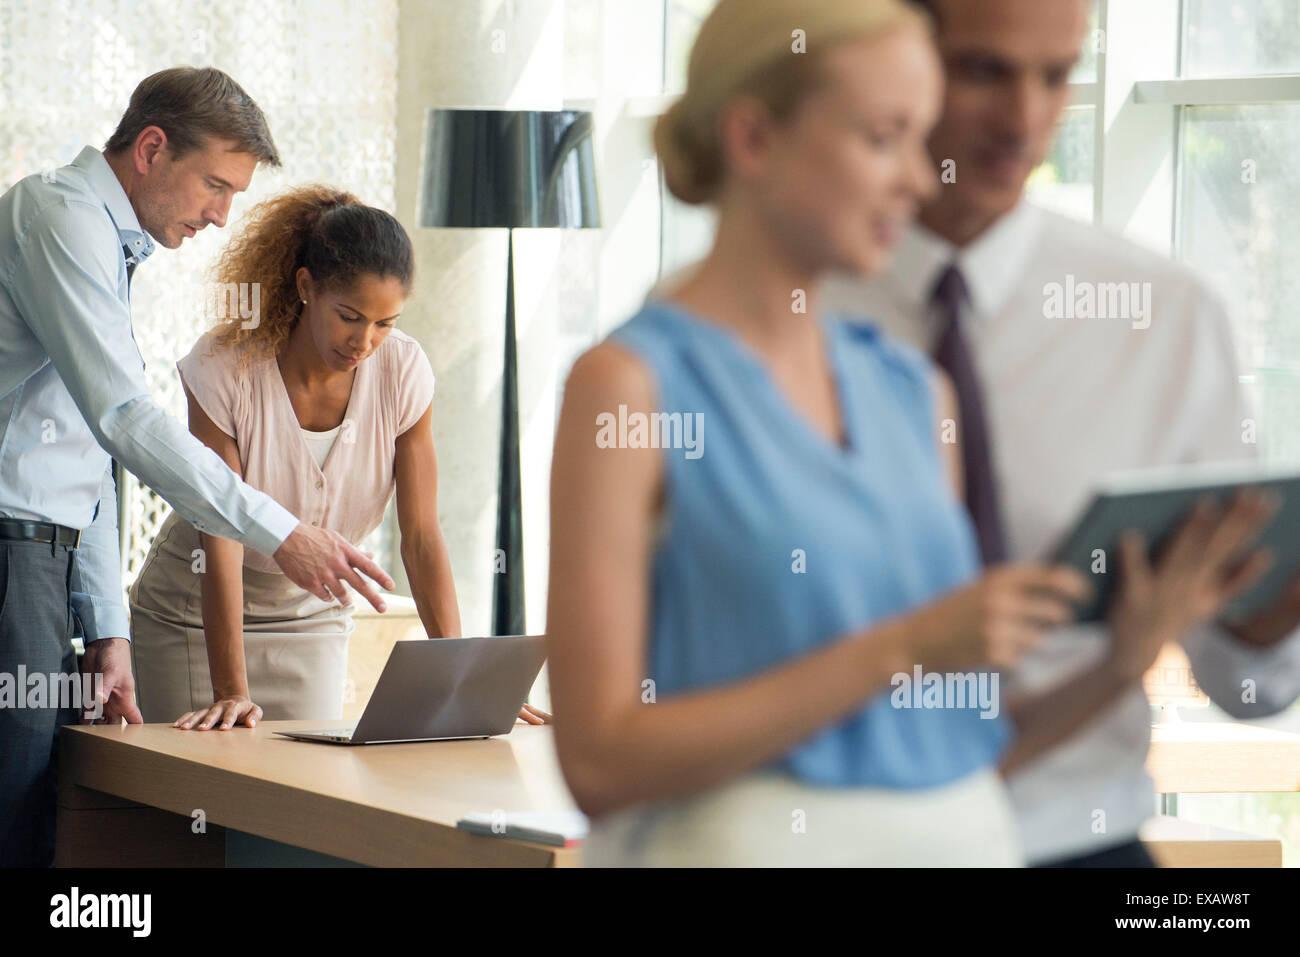 Los dispositivos inalámbricos que la colaboración en los negocios fácil Foto de stock